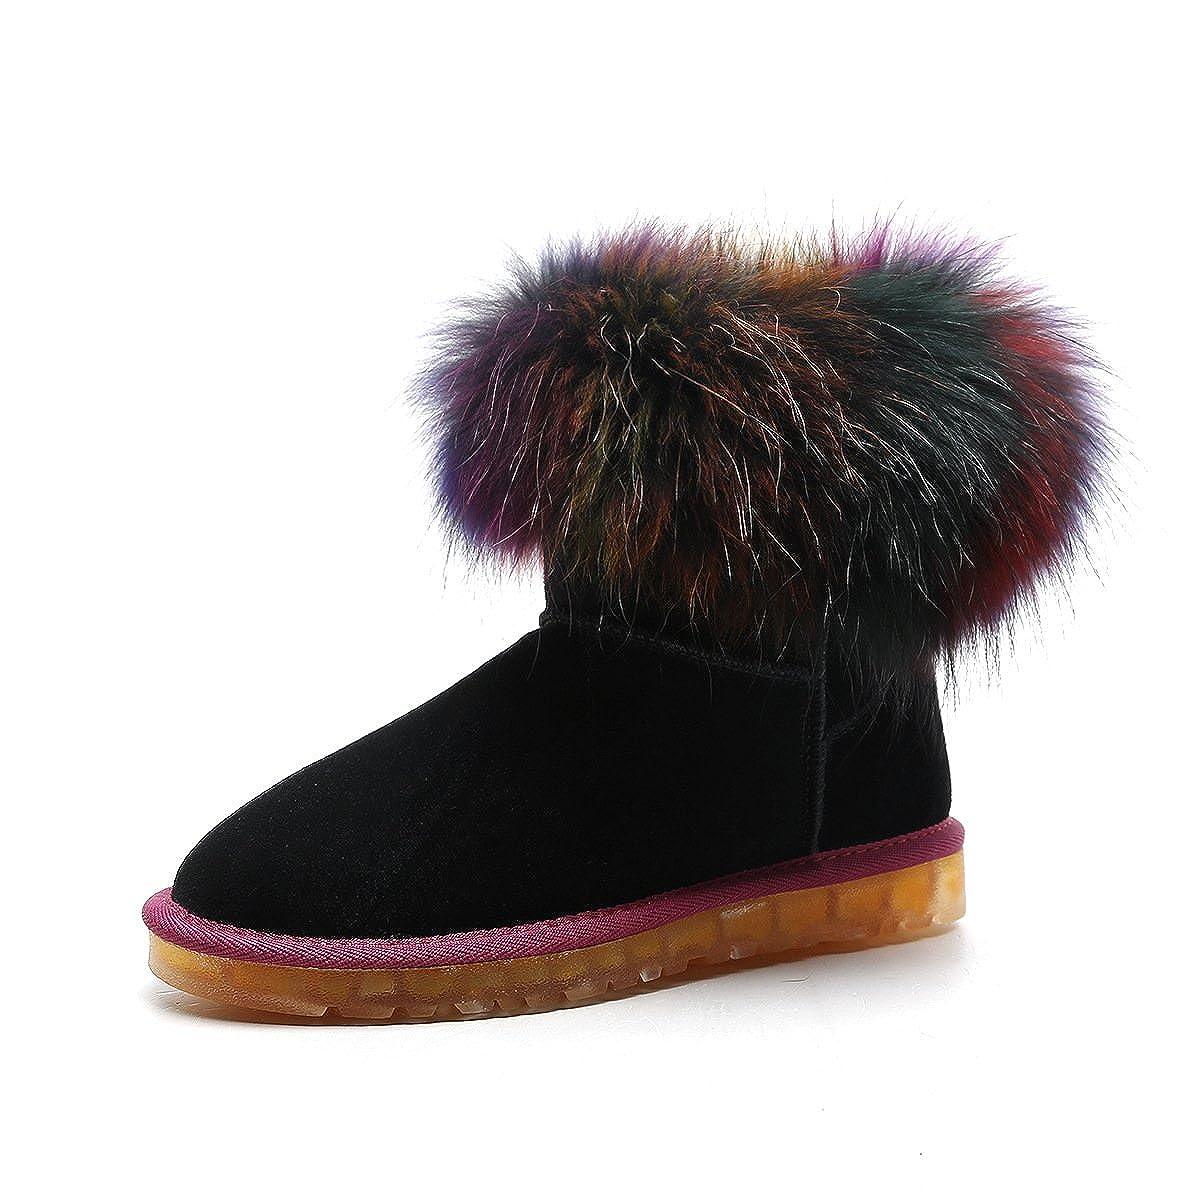 DYF Schuhe Kurze Stiefel Stiefel Stiefel Bunten Runden Kopf mit Flachem Boden Groß Schnee, Schwarz, 42 9cfc38